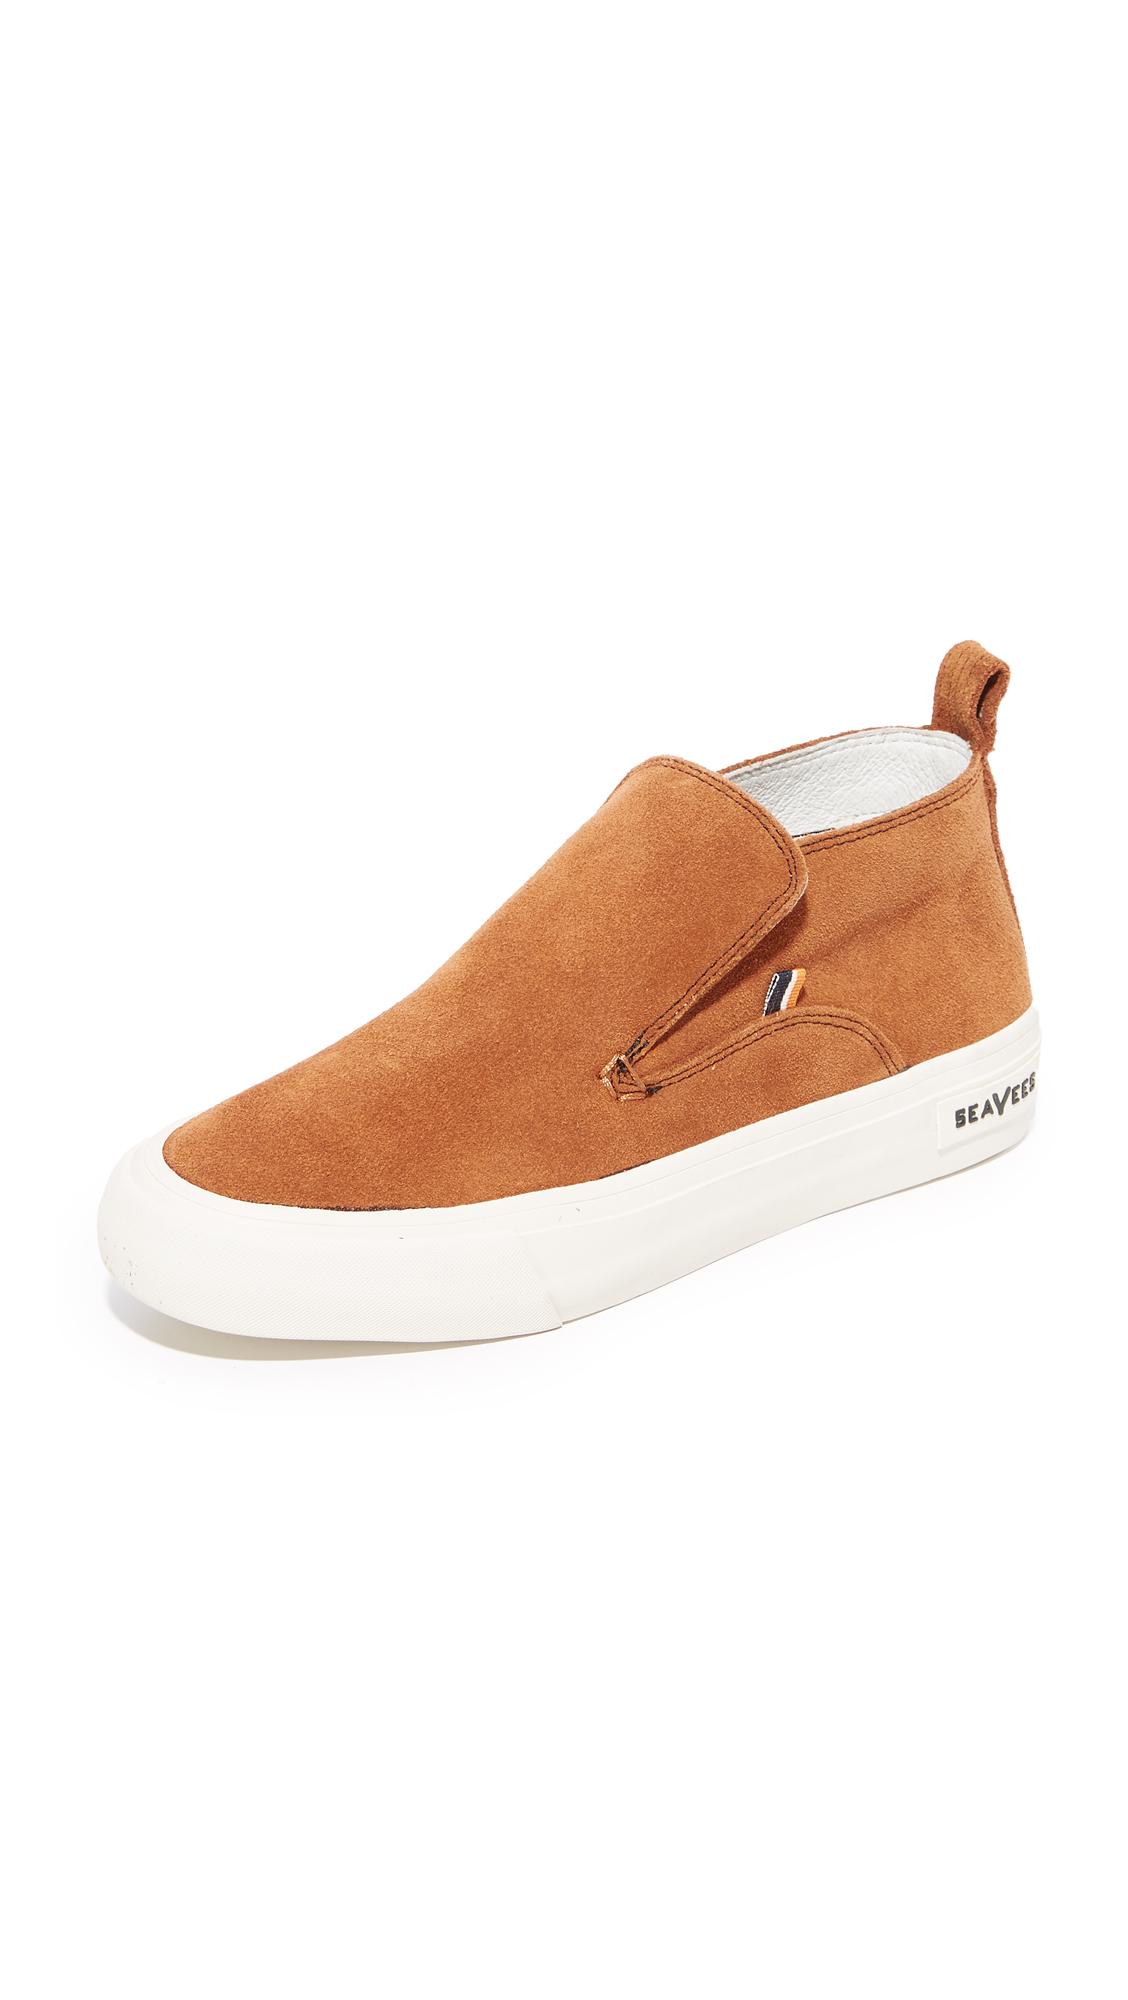 SeaVees x Derek Lam 10 Crosby Huntington Middie Sneakers - Cognac